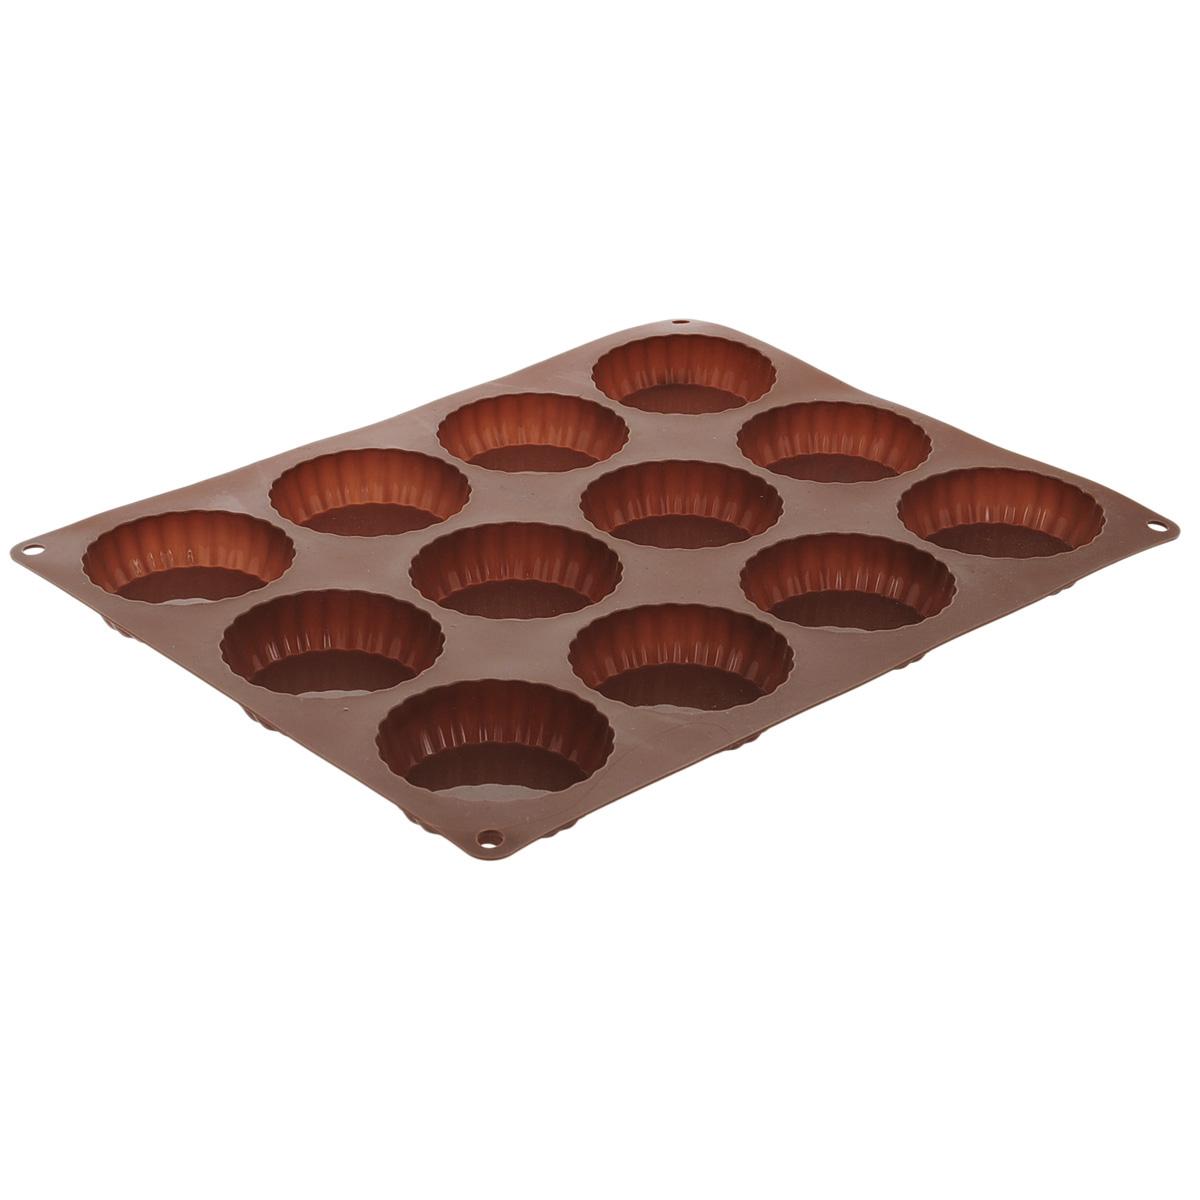 Форма для выпечки Taller Тарталетки, цвет: коричневый, 12 ячеекTR-6214Форма для выпечки Taller Тарталетки изготовлена из силикона - материала, который выдерживает температуру от -40°С до +230°С. Изделия из силикона очень удобны в использовании: пища в них не пригорает и не прилипает к стенкам, форма легко моется. Приготовленное блюдо можно очень просто вытащить, просто перевернув форму, при этом внешний вид блюда не нарушится. Изделие обладает эластичными свойствами: складывается без изломов, восстанавливает свою первоначальную форму. Форма содержит 12 ячеек для приготовления тарталеток. Порадуйте своих родных и близких любимой выпечкой в необычном исполнении. Подходит для приготовления в микроволновой печи и духовом шкафу при нагревании до +230°С; для замораживания до -40°С и чистки в посудомоечной машине. Размер формы: 34 см х 27 см.Диаметр ячейки: 7,5 см.Высота стенок: 2 см.Количество ячеек: 12 шт.